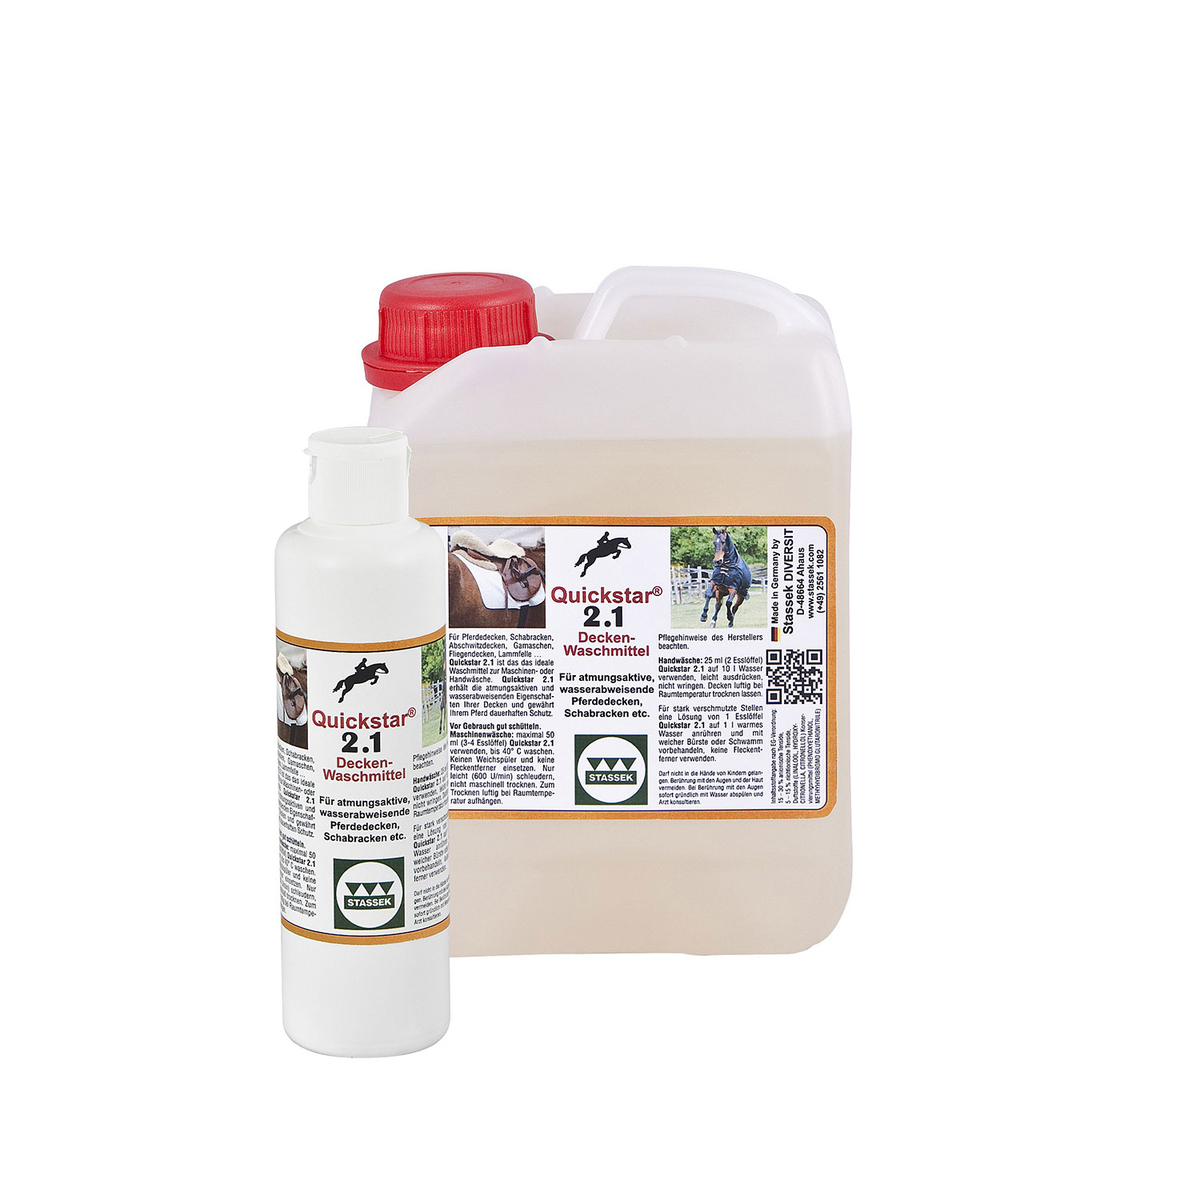 stassek quickstar 2.1 premium tvättmedel för täcken och sadelunderlägg 2  liter b65c296c540d0